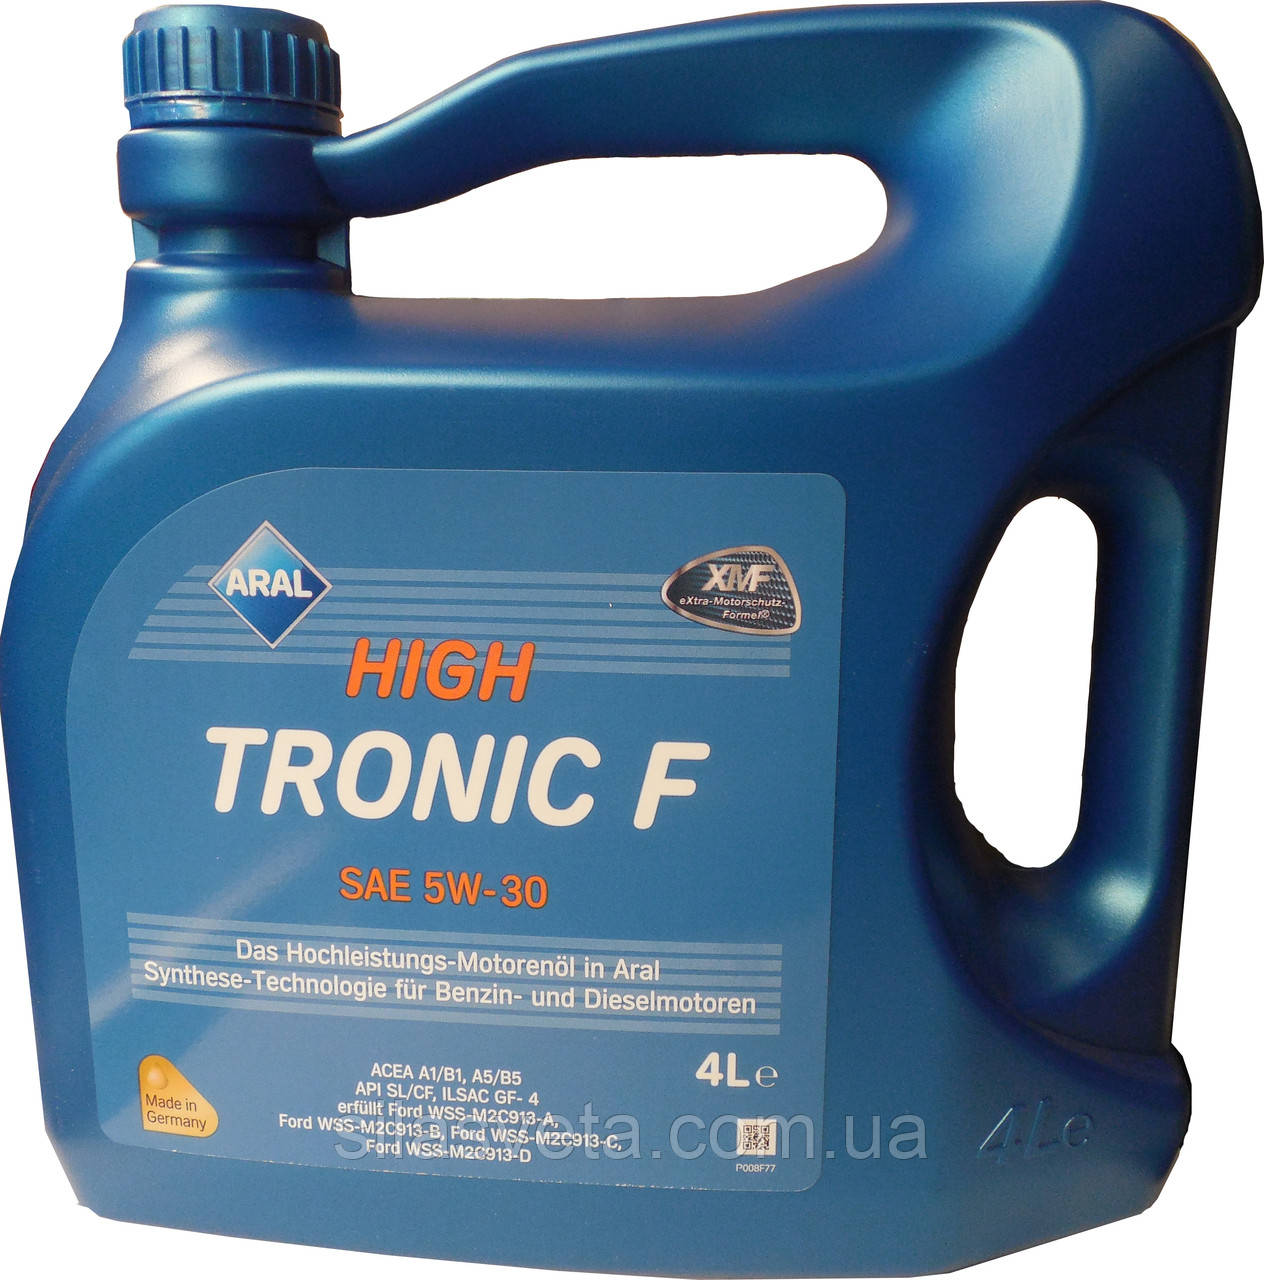 Автомобильное моторное синтетическое масло Aral High Tronic F 5W30 4L